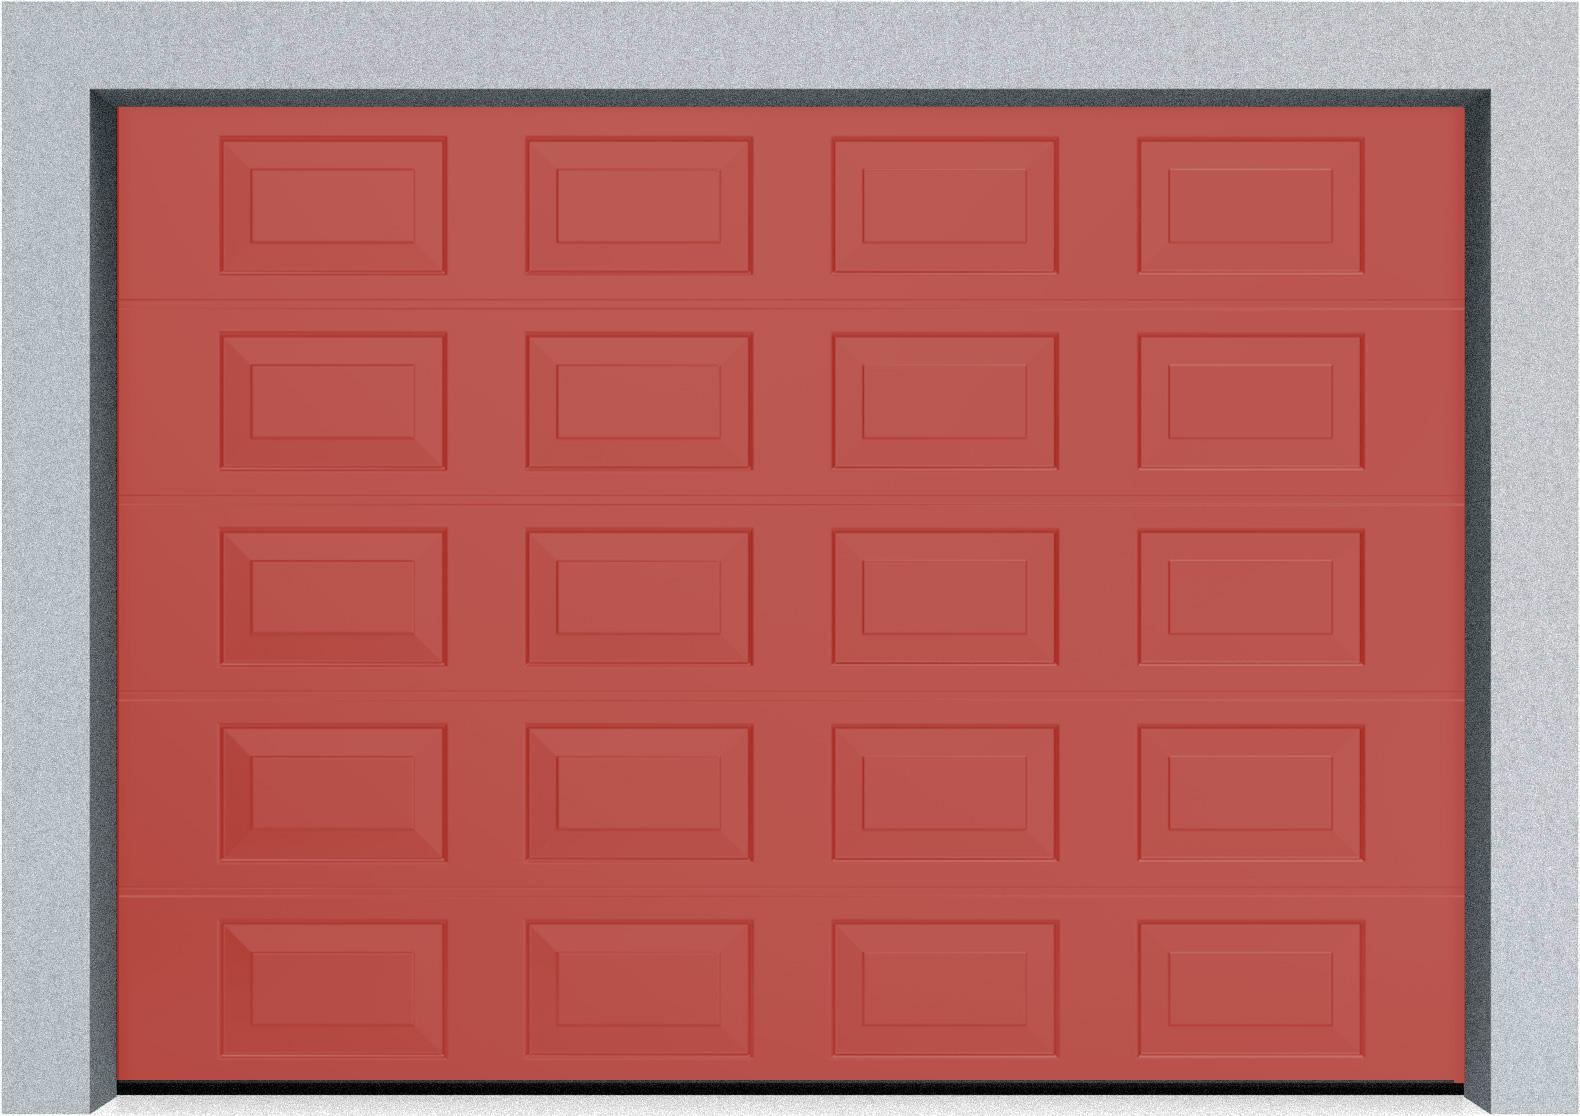 Секционные гаражные ворота DoorHan RSD01 3500x2000 Филенка стандартные цвета, пружины растяжения, фото 10